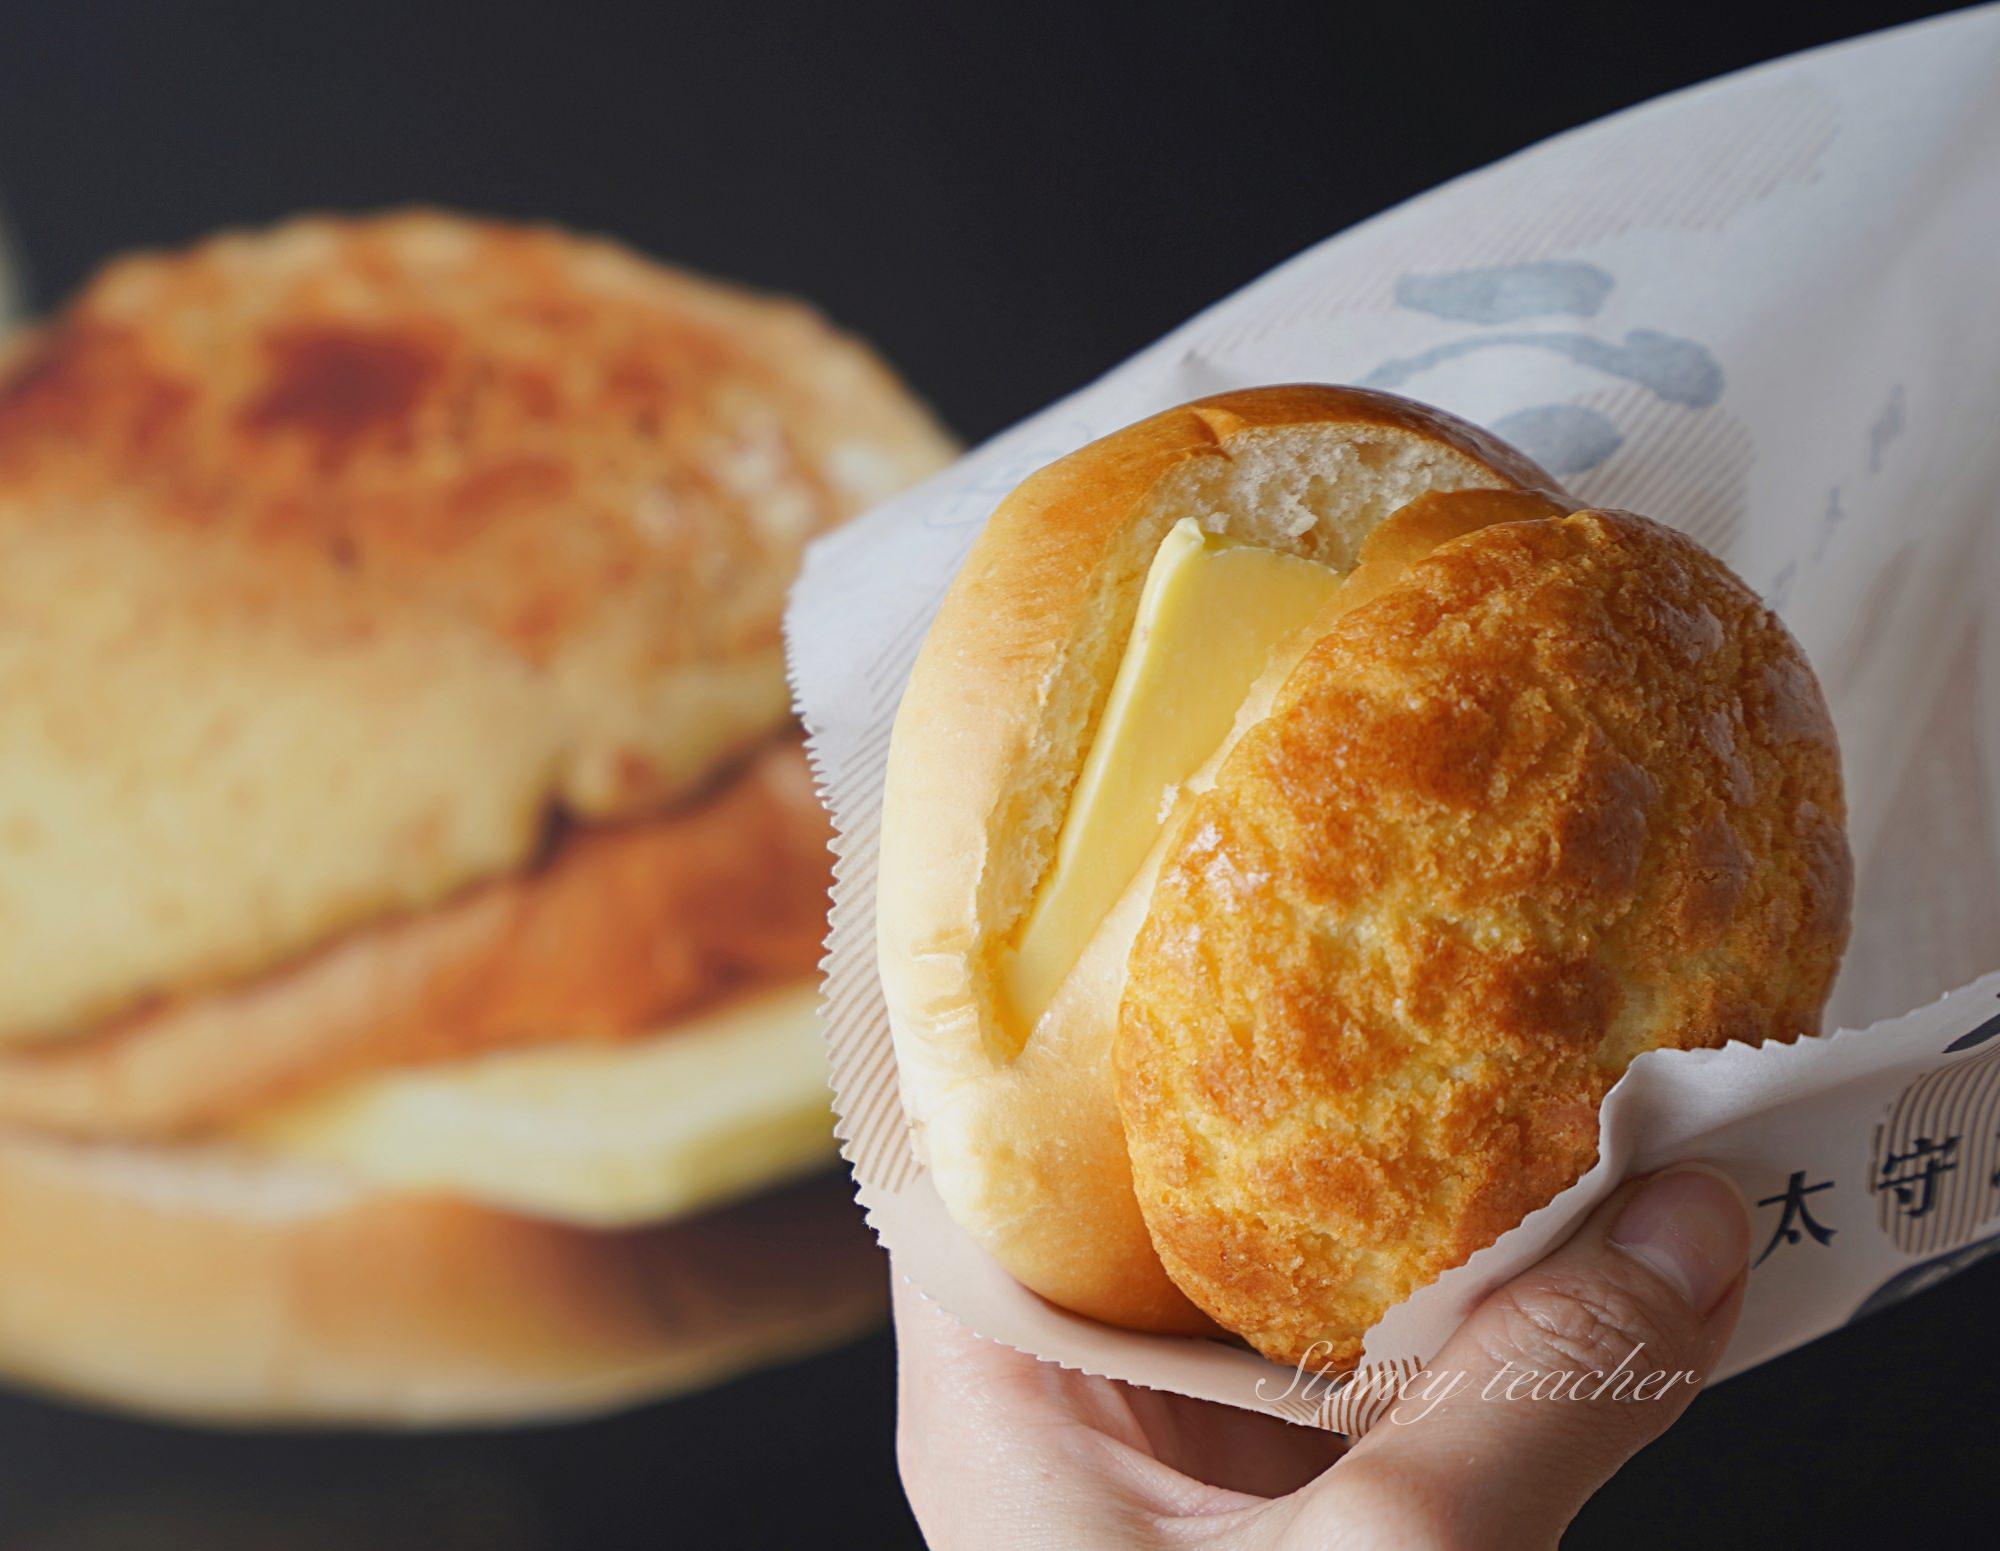 何太守港式菠蘿包專賣店|台北正宗港式菠蘿油包|台北宅配下午茶